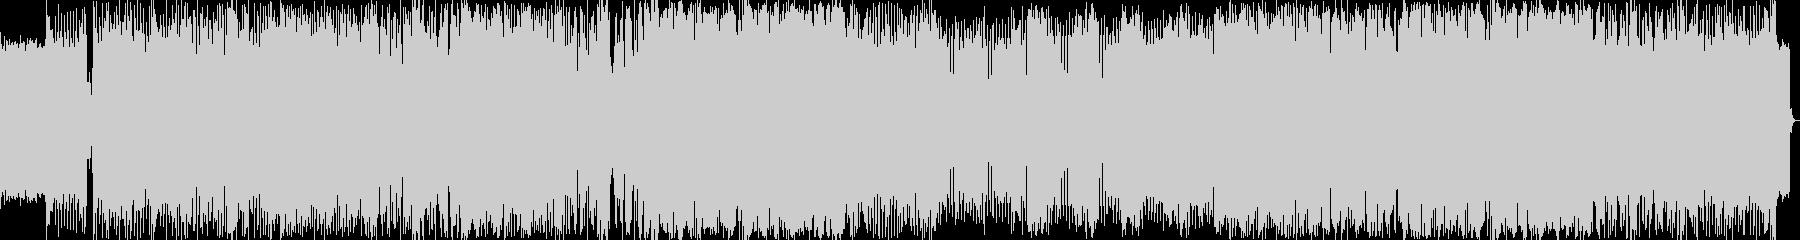 エレクトロハウスをイメージした楽曲です。の未再生の波形